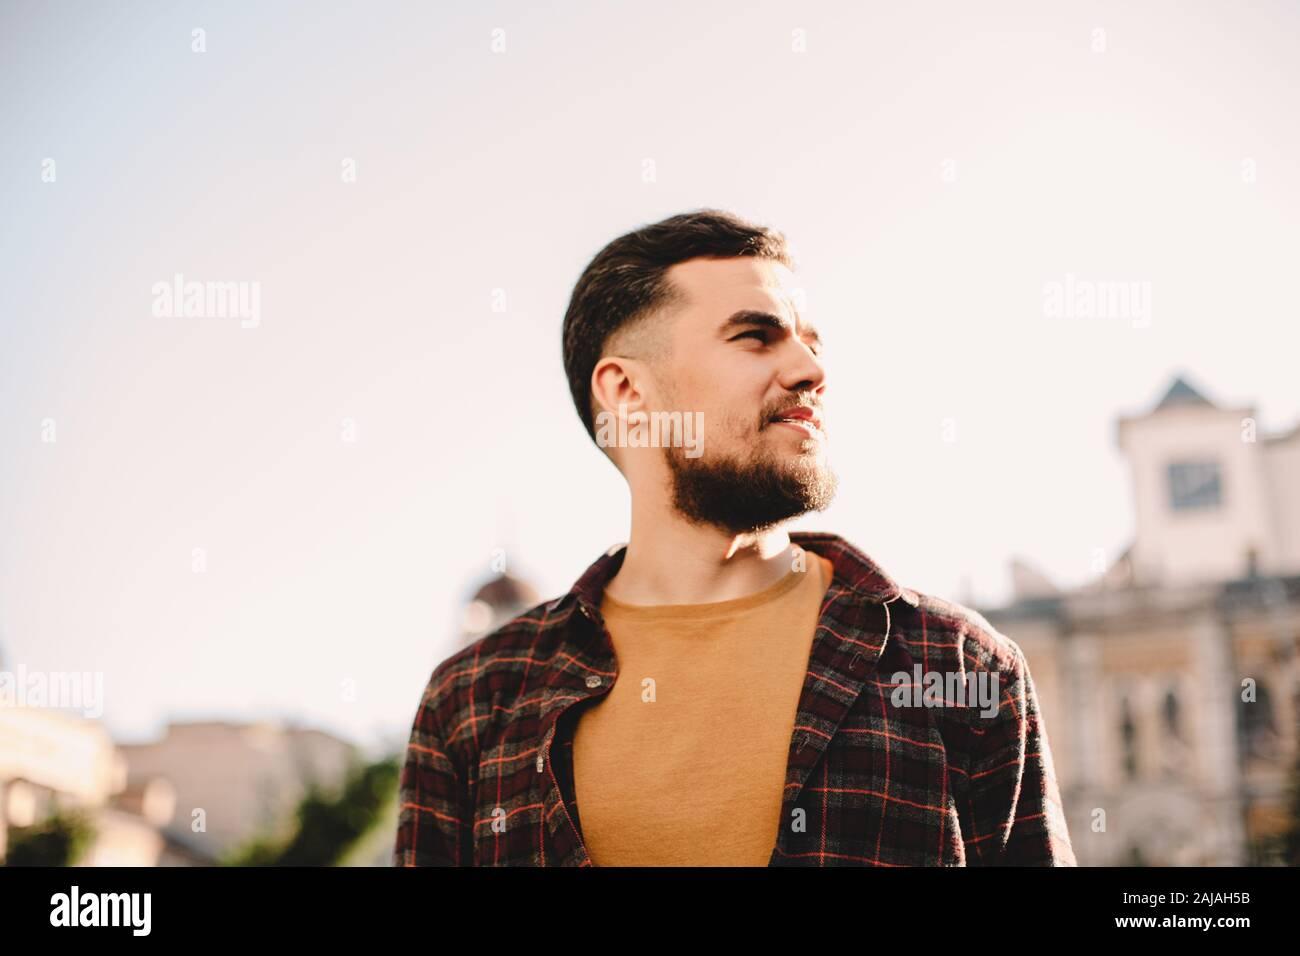 Porträt des selbstbewussten jungen Hipster Mann gegen klaren Himmel in der Stadt Stockfoto